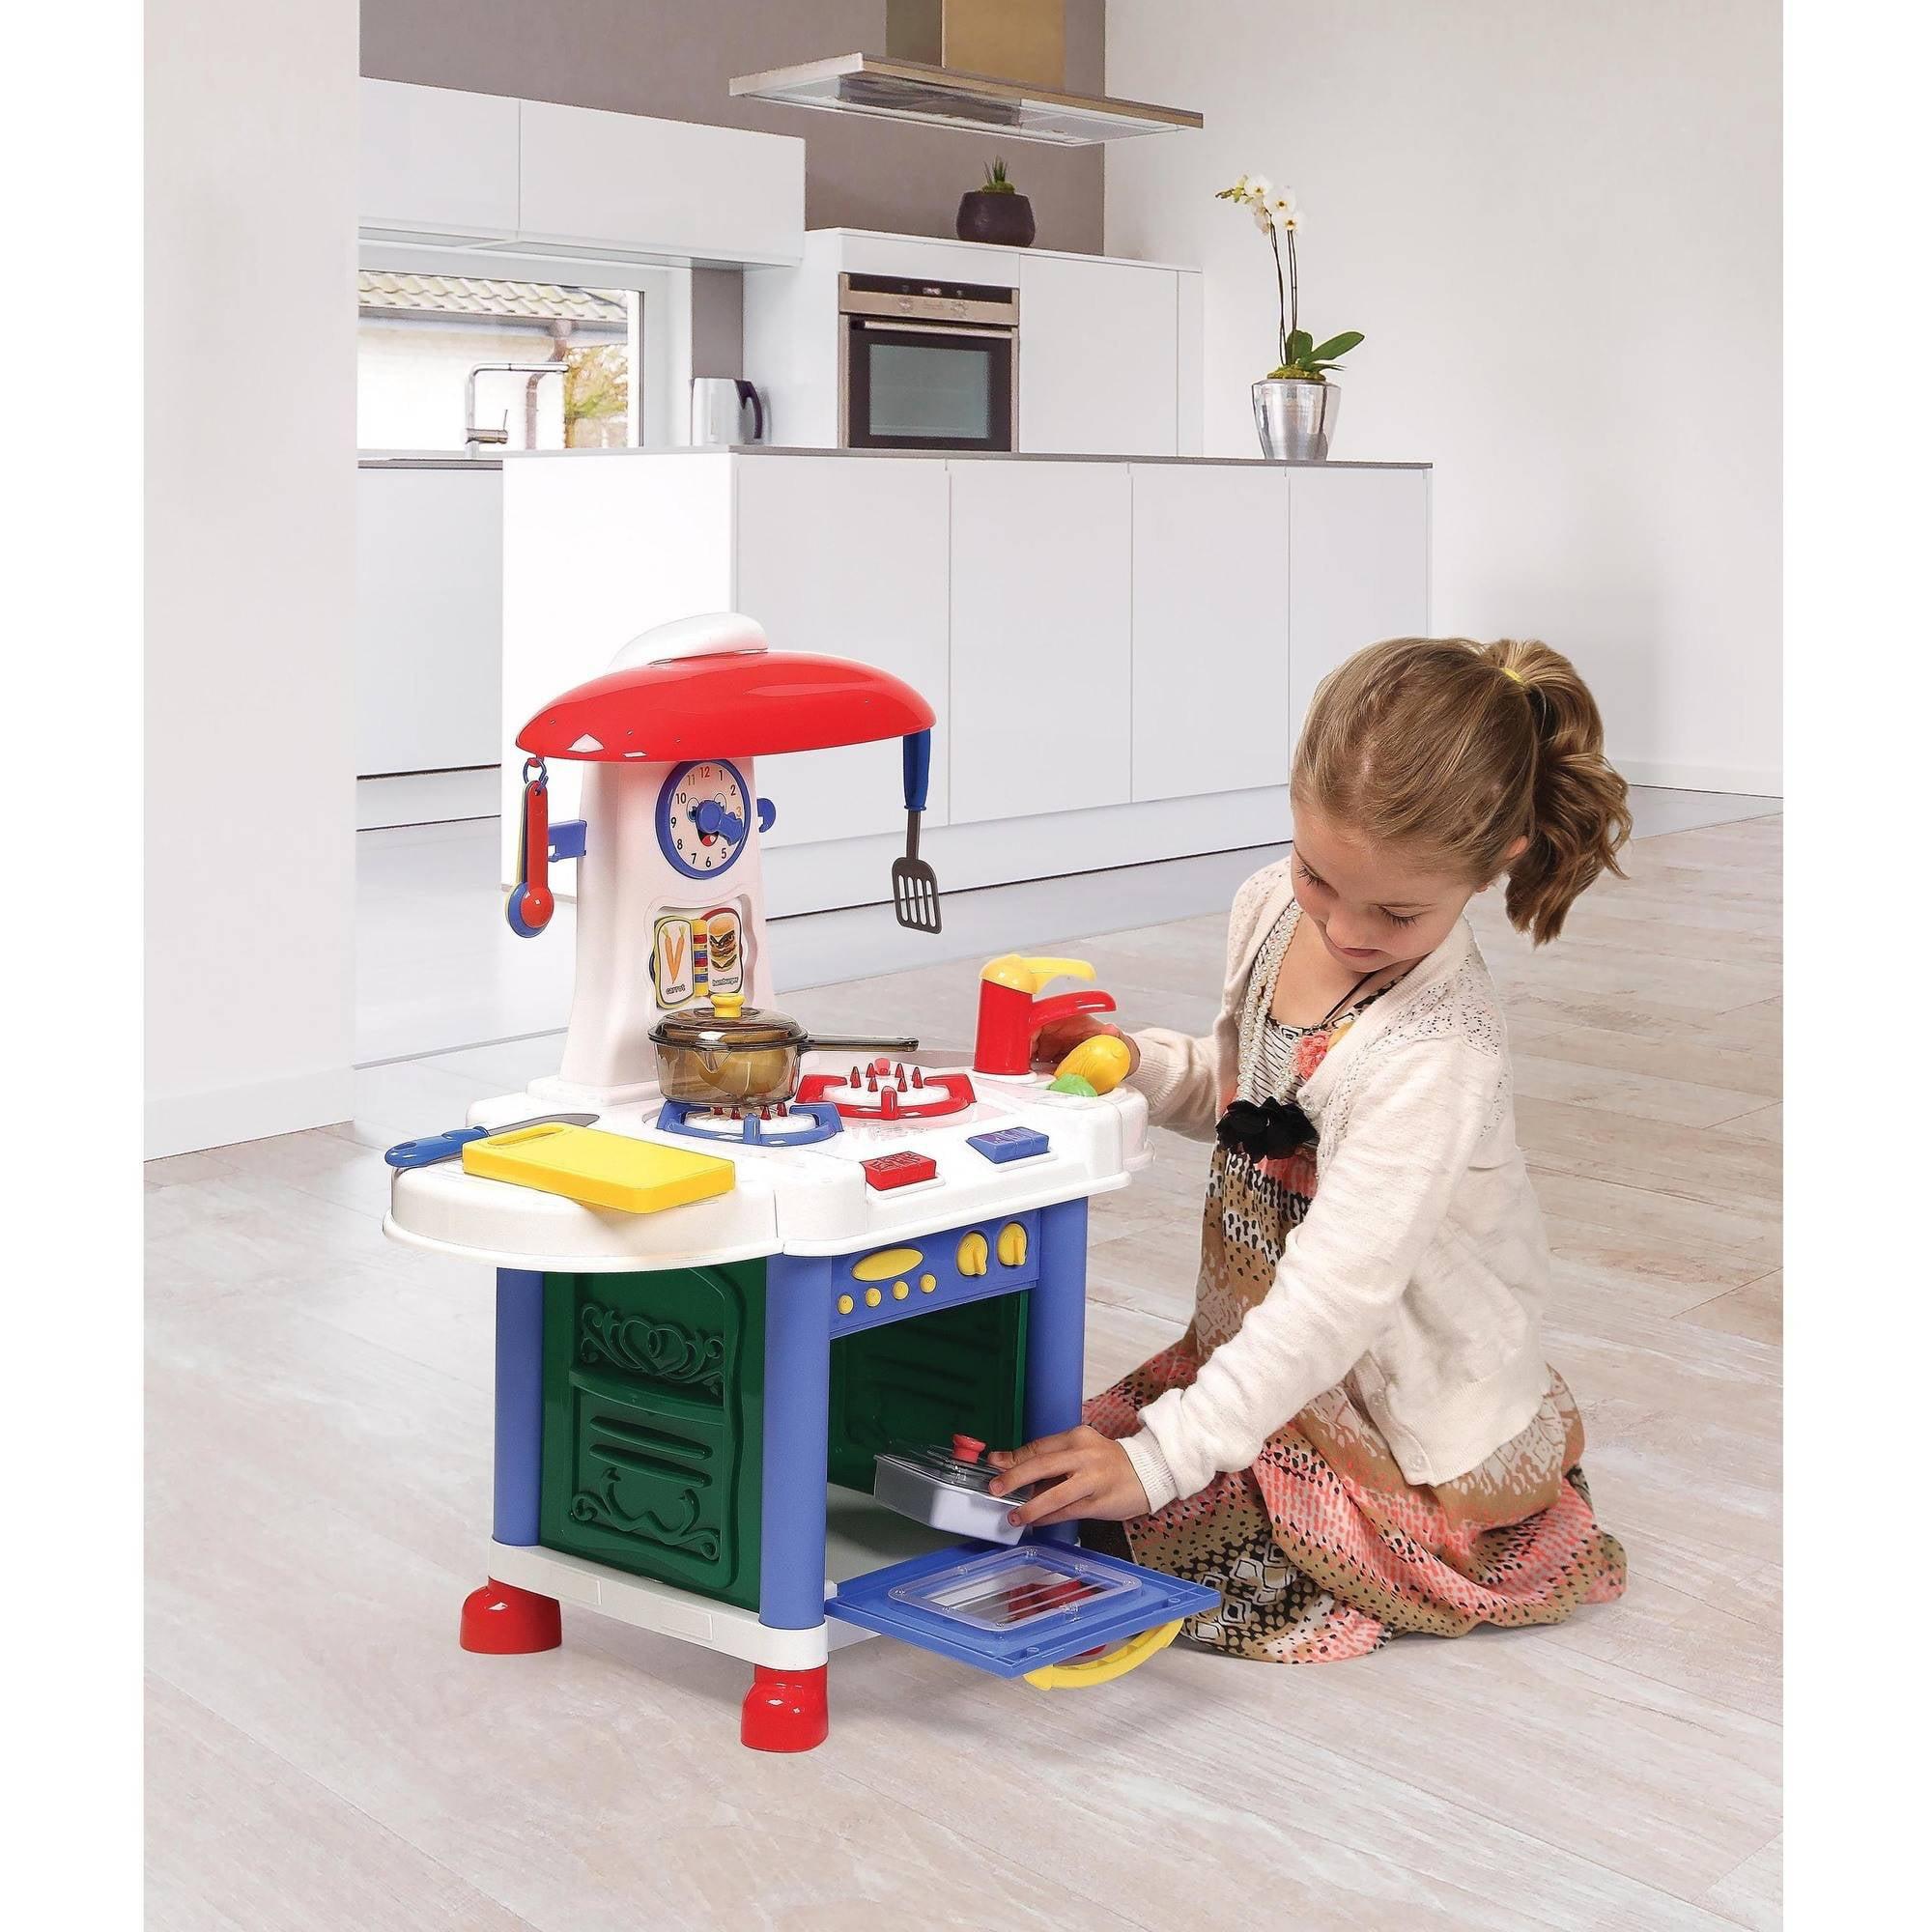 Play Kitchen Accessories badger basket junior electronic play kitchen with accessories